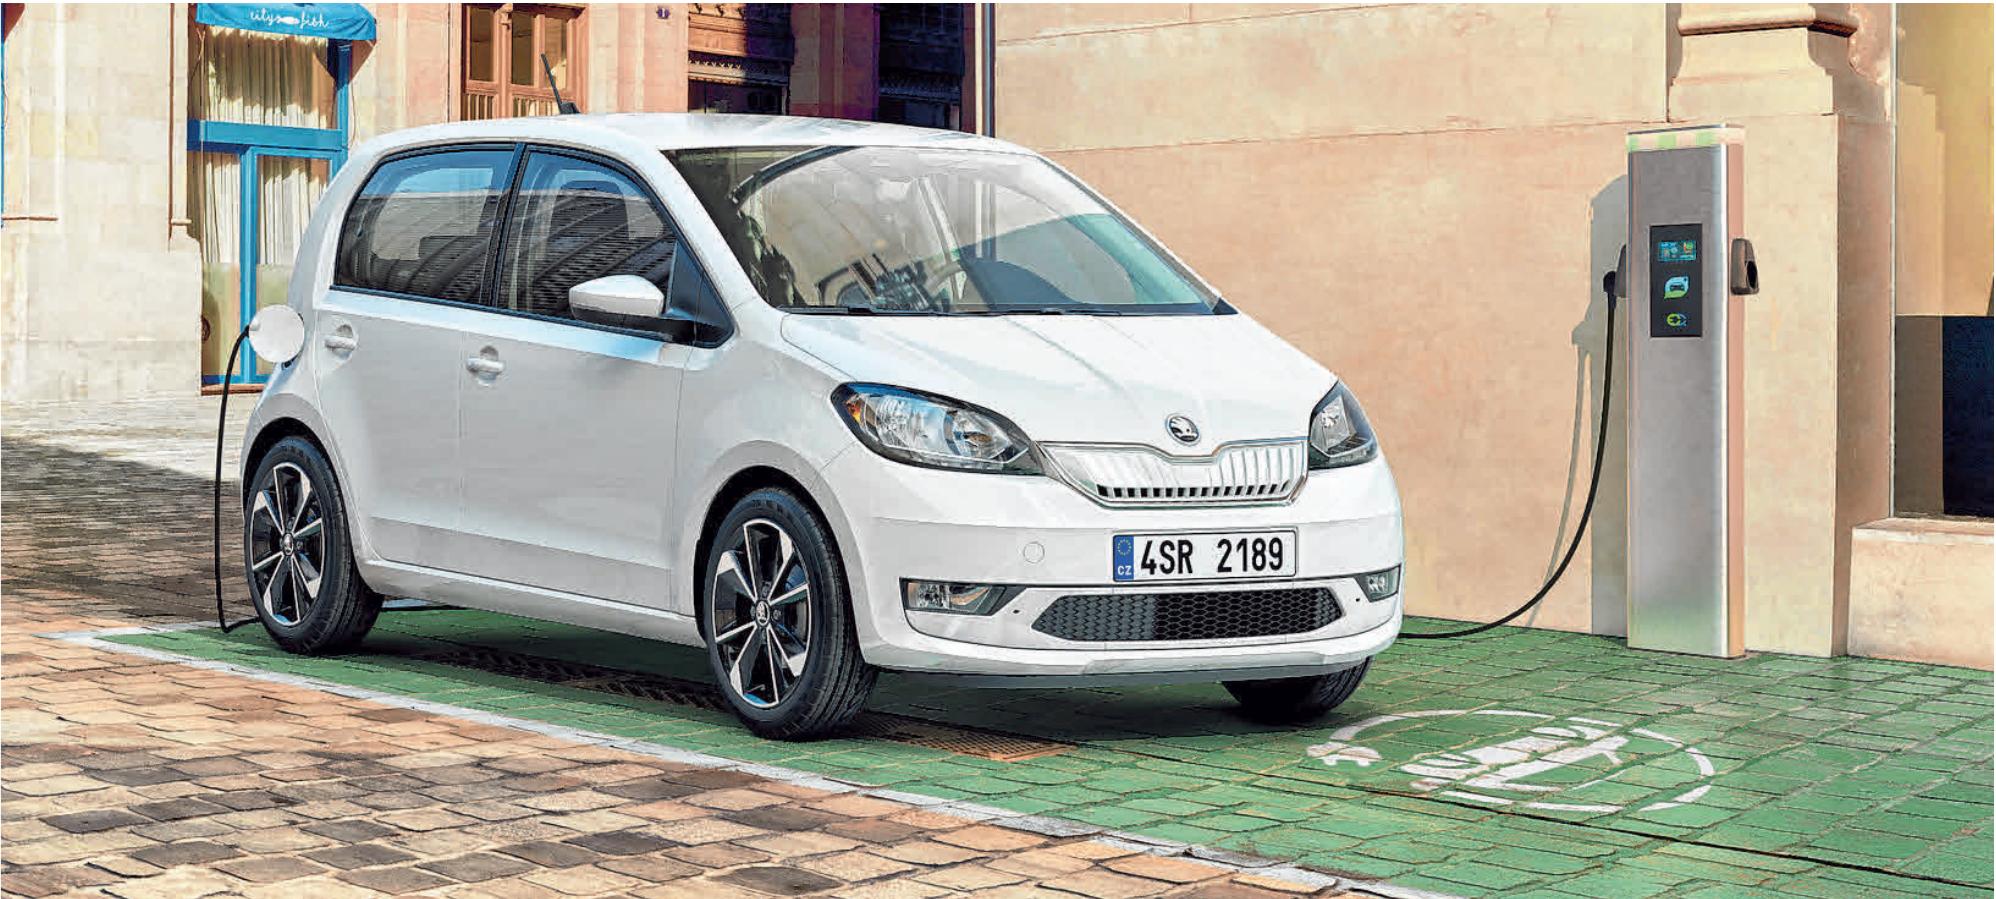 """Der neue Skoda """"Citigo iV"""" wird beim großen Skoda-Buffet im Autohaus Selig vorgestellt. Dort können Probefahrten vereinbart werden. FOTOS: SKODA"""